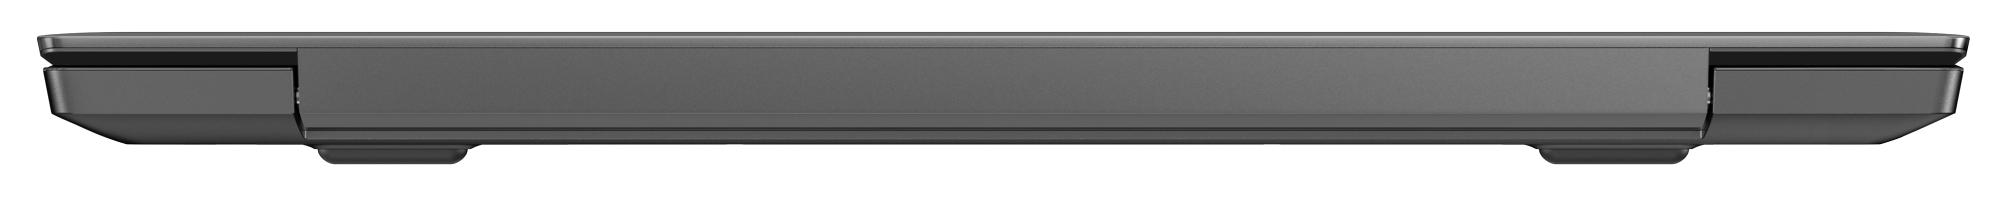 Фото  Ноутбук Lenovo V330-15 Grey (81AX010TRA)